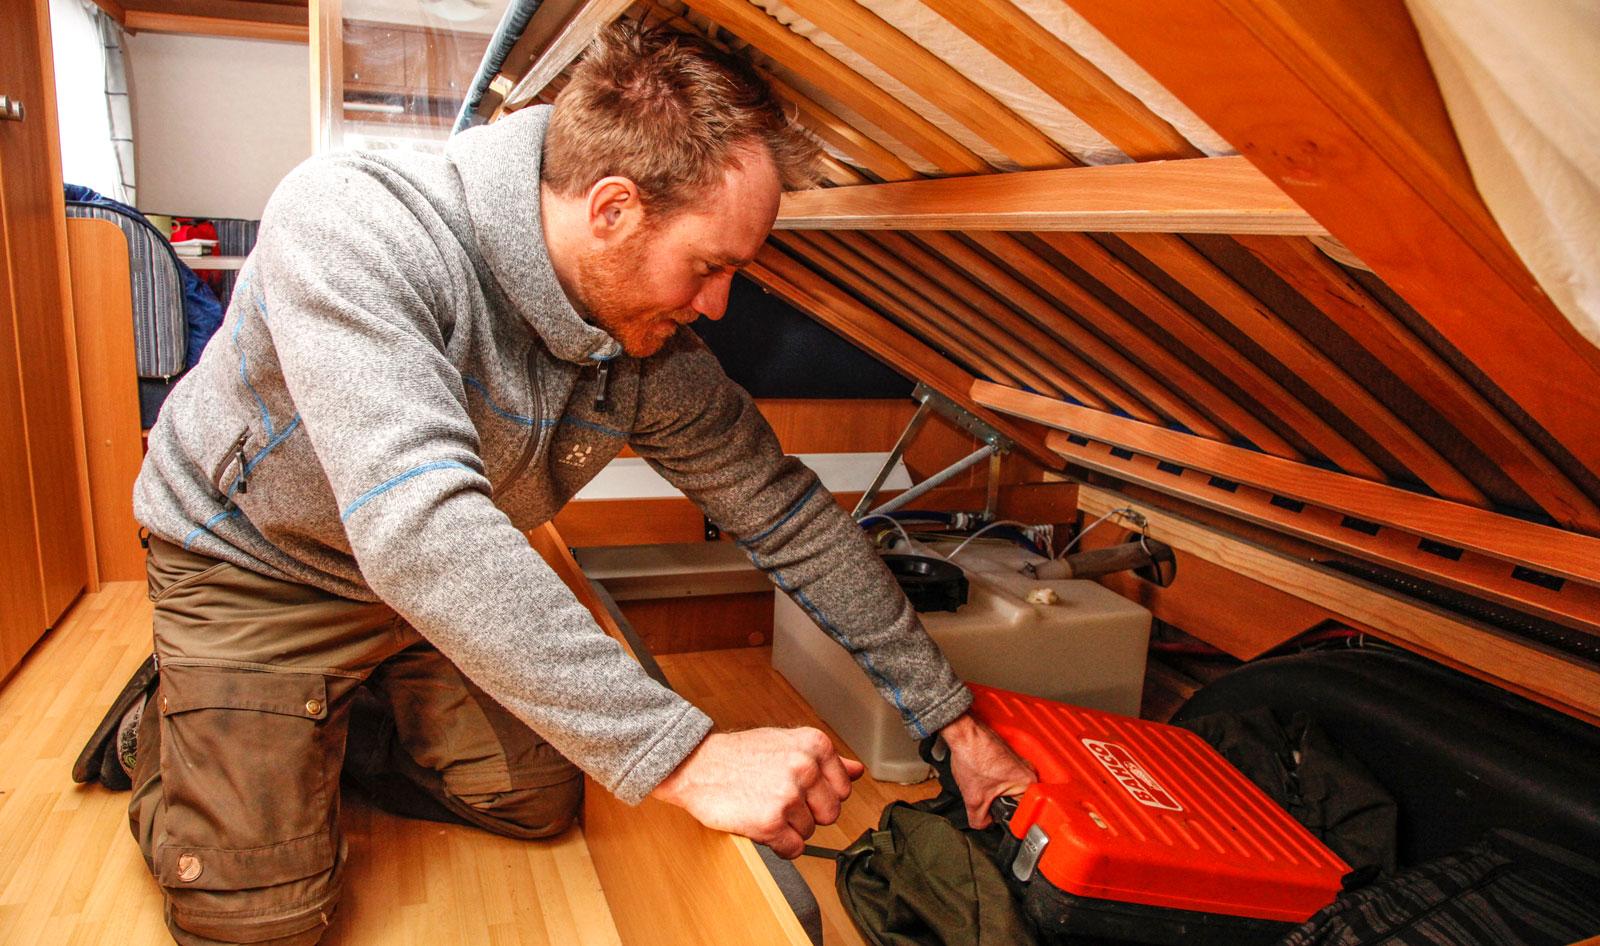 Joacim uppskattar alla stuvutrymmen där han får plats med diverse prylar. Här ses förvaringen under sängen.